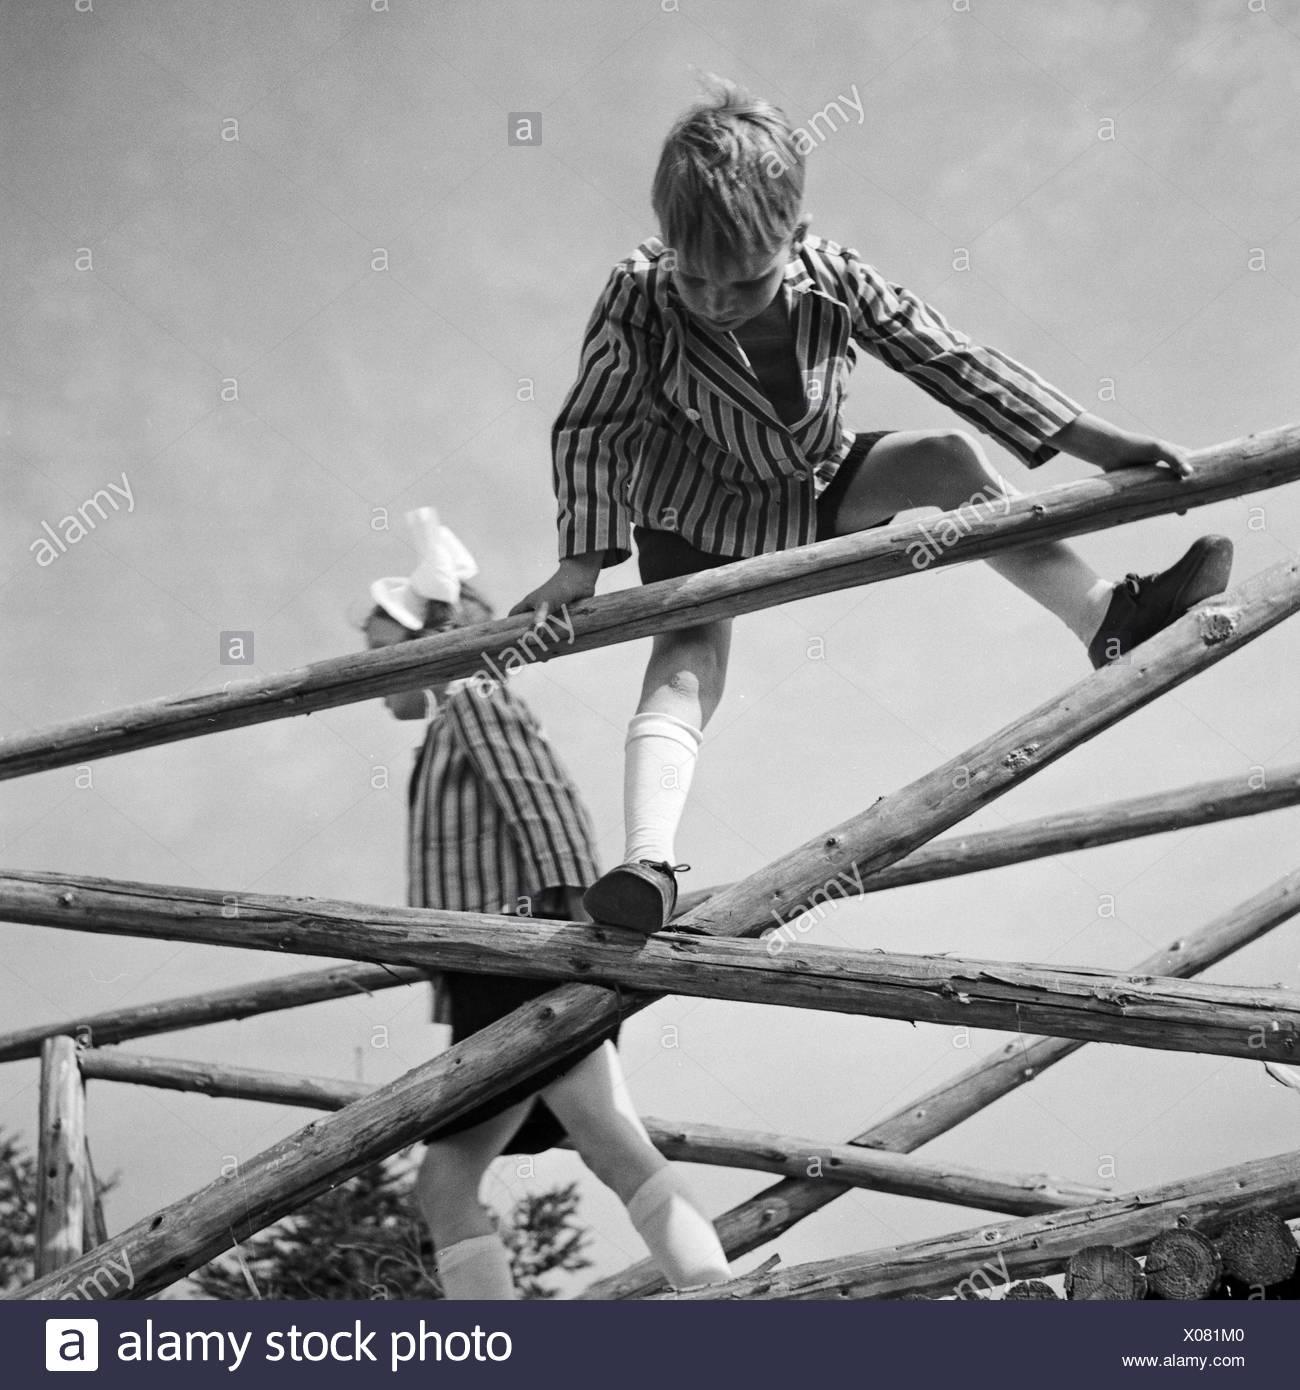 Kinder Spielen Und Klettern Auf Einem Holzgerüst in Deutschland, 1930er Jahre. Kinder spielen und Klettern auf einem Woodden Rahmen, Deutschland der 1930er Jahre. Stockbild